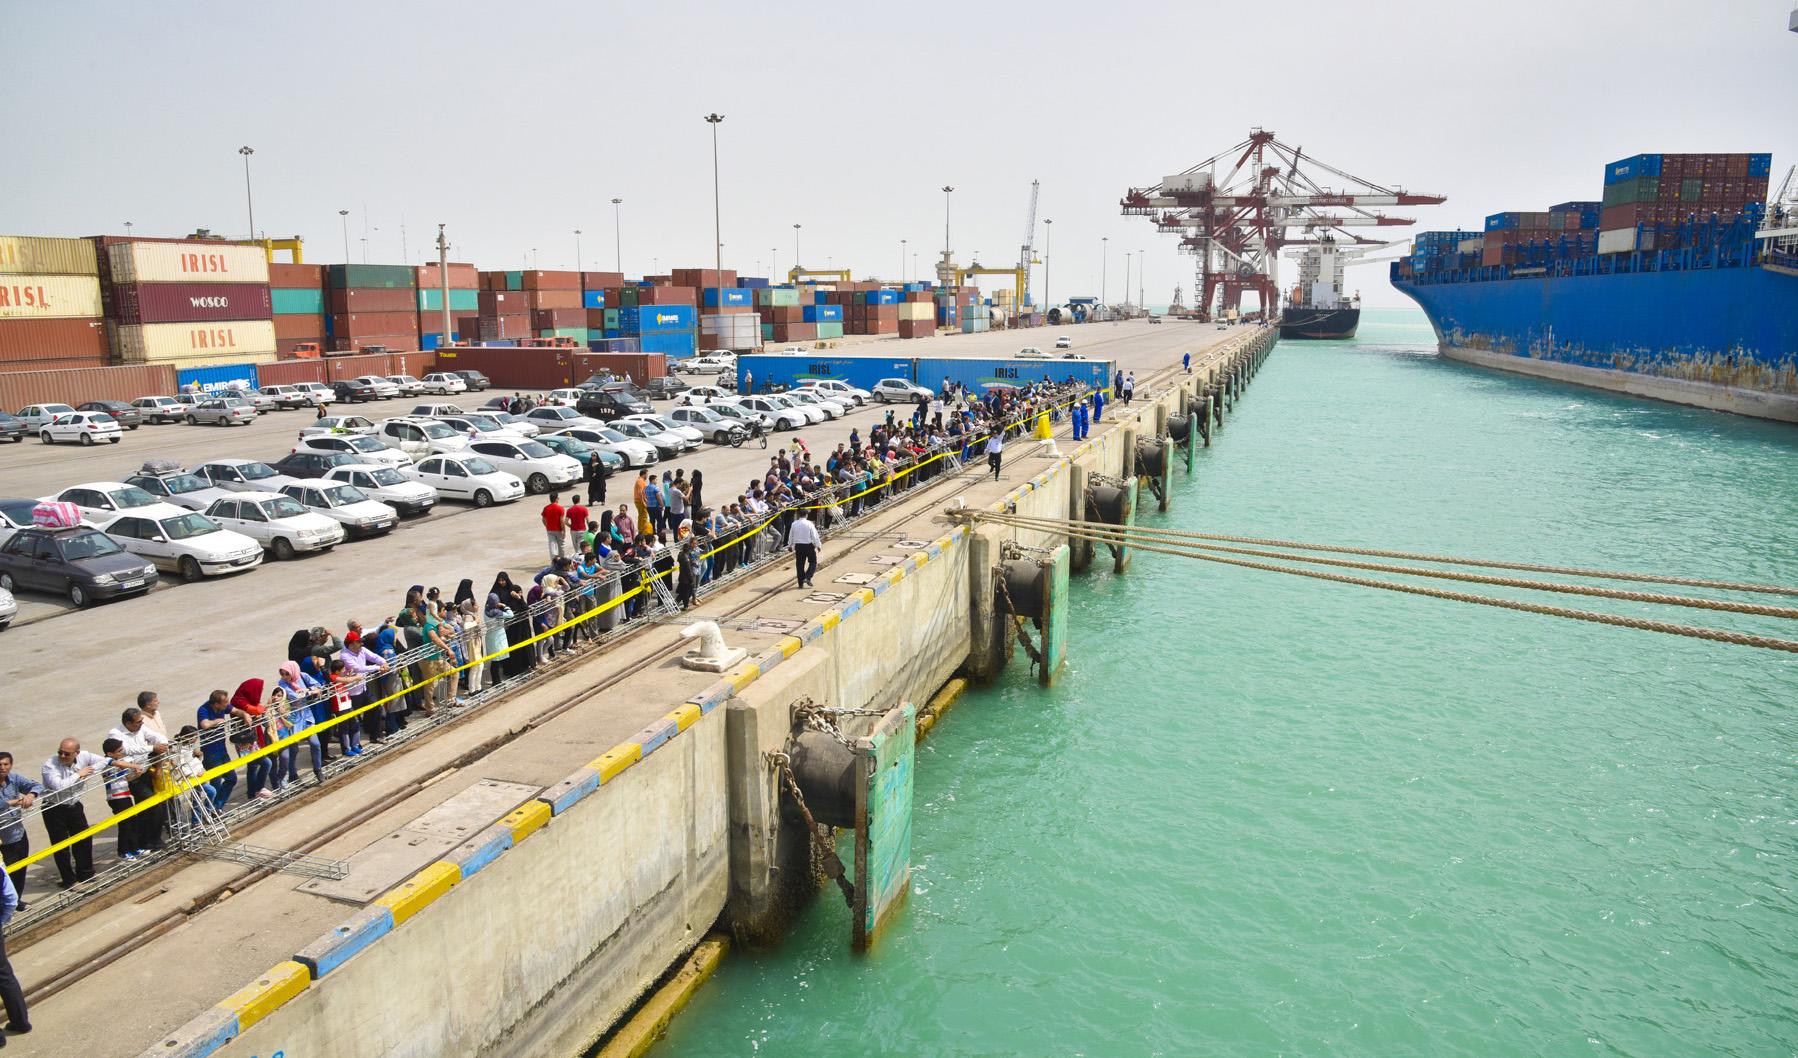 صادرات کالا از منطقه آزاد اروند به ۶۴۰ میلیون دلار رسید